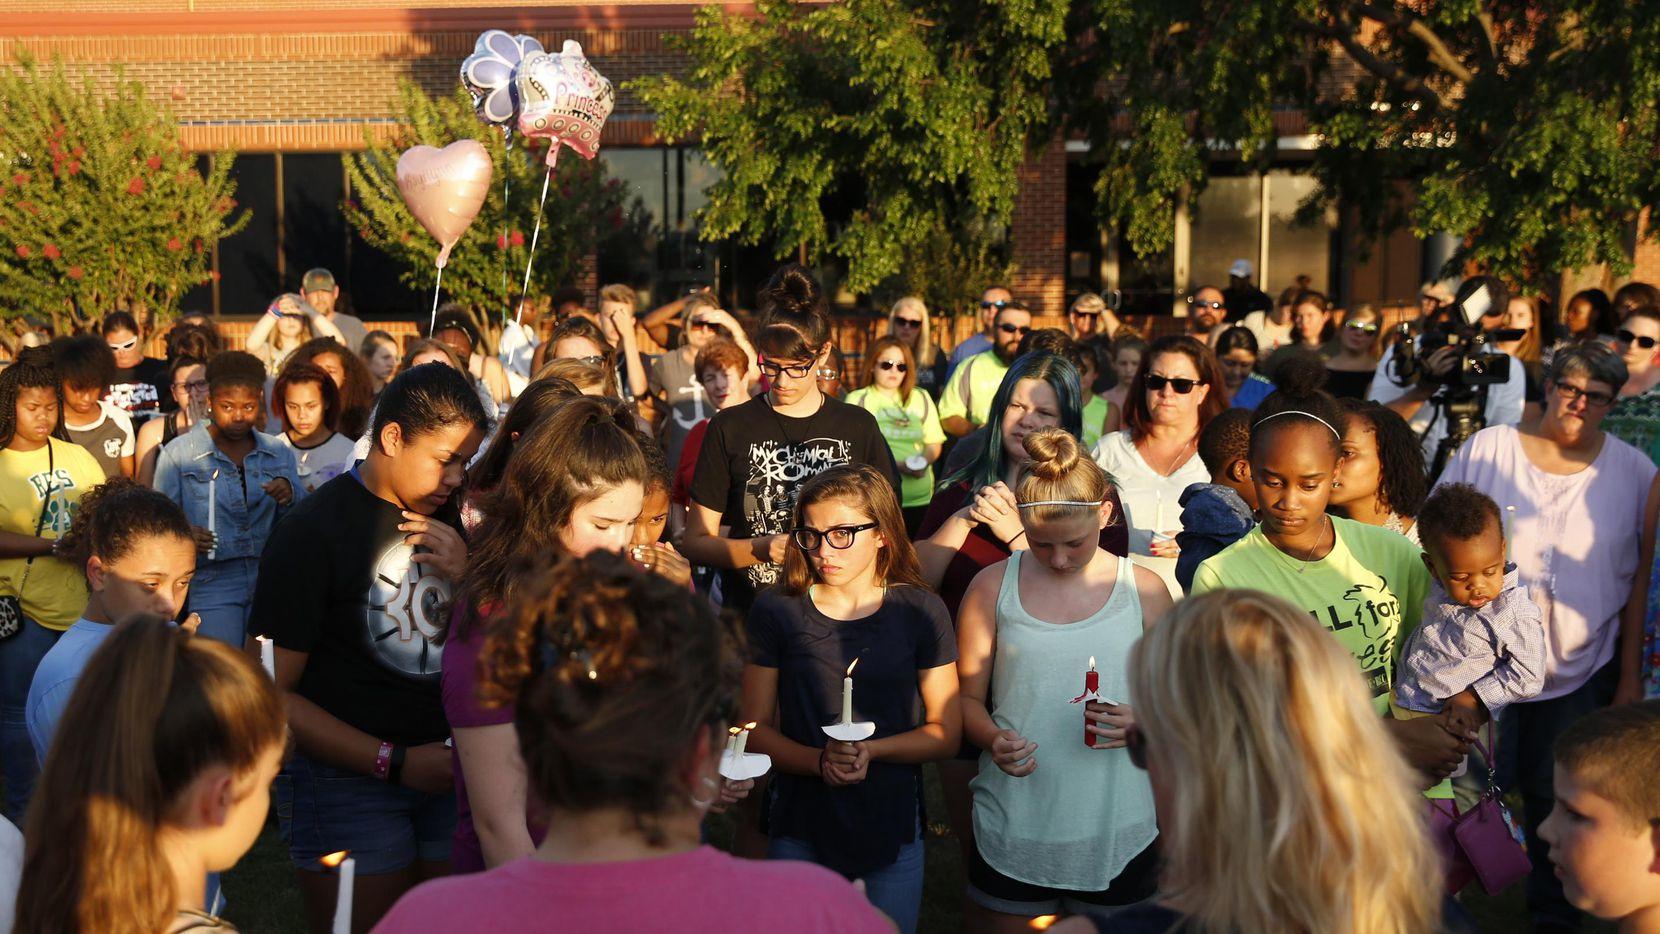 Decenas de personas llegaron a una vigilia en honor de Kaytlynn Cargill en Central Junior High, en Euless, poco después de conocerse la noticia del fallecimiento de la menor. (TNS/TAILYR IRVINE)